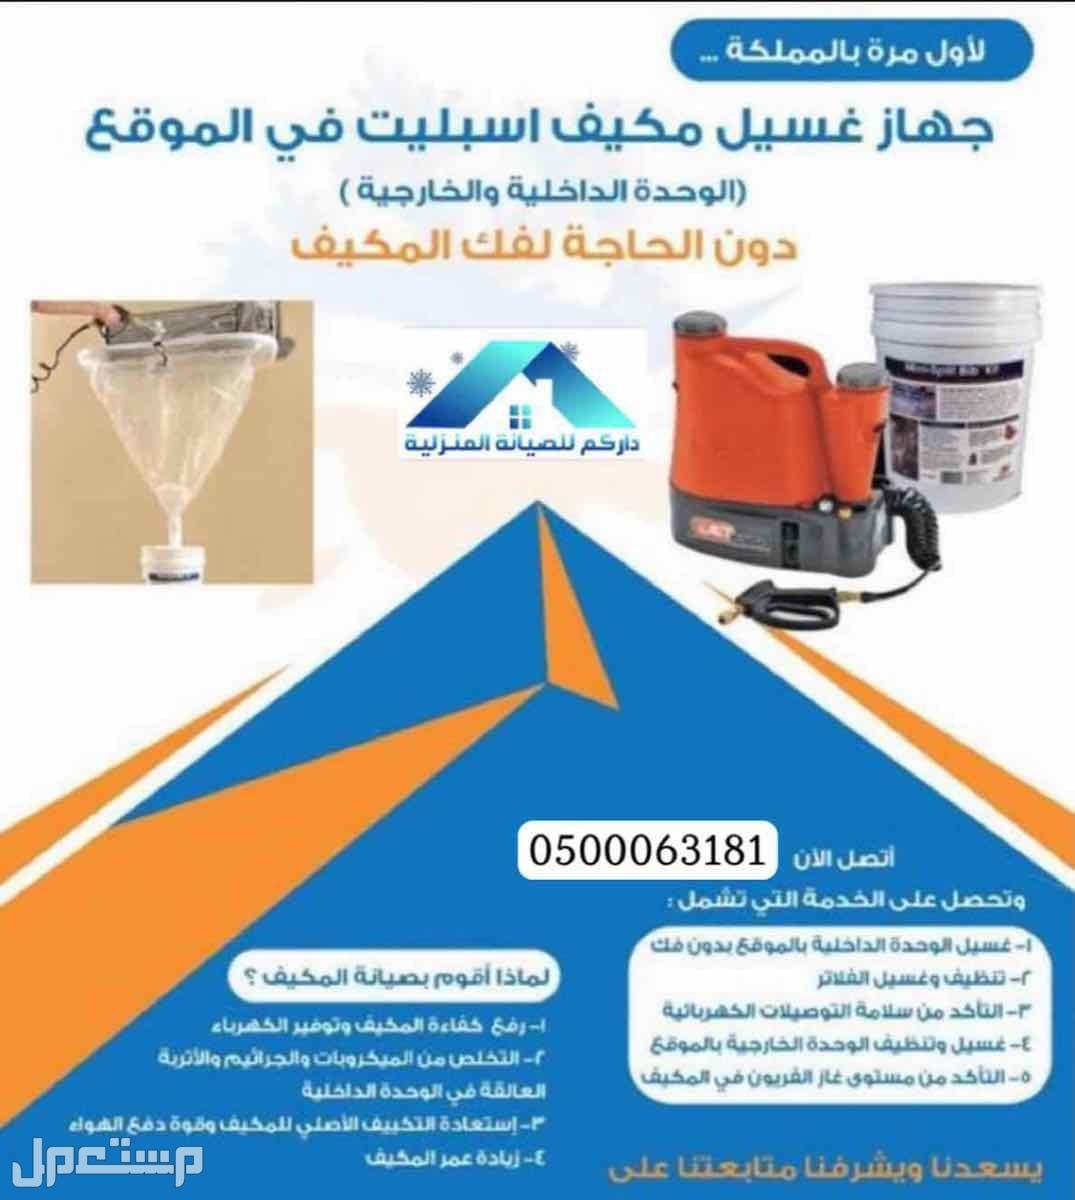 غسيل مكيفات-مبيدات حشريه-كهرباء-سباكه